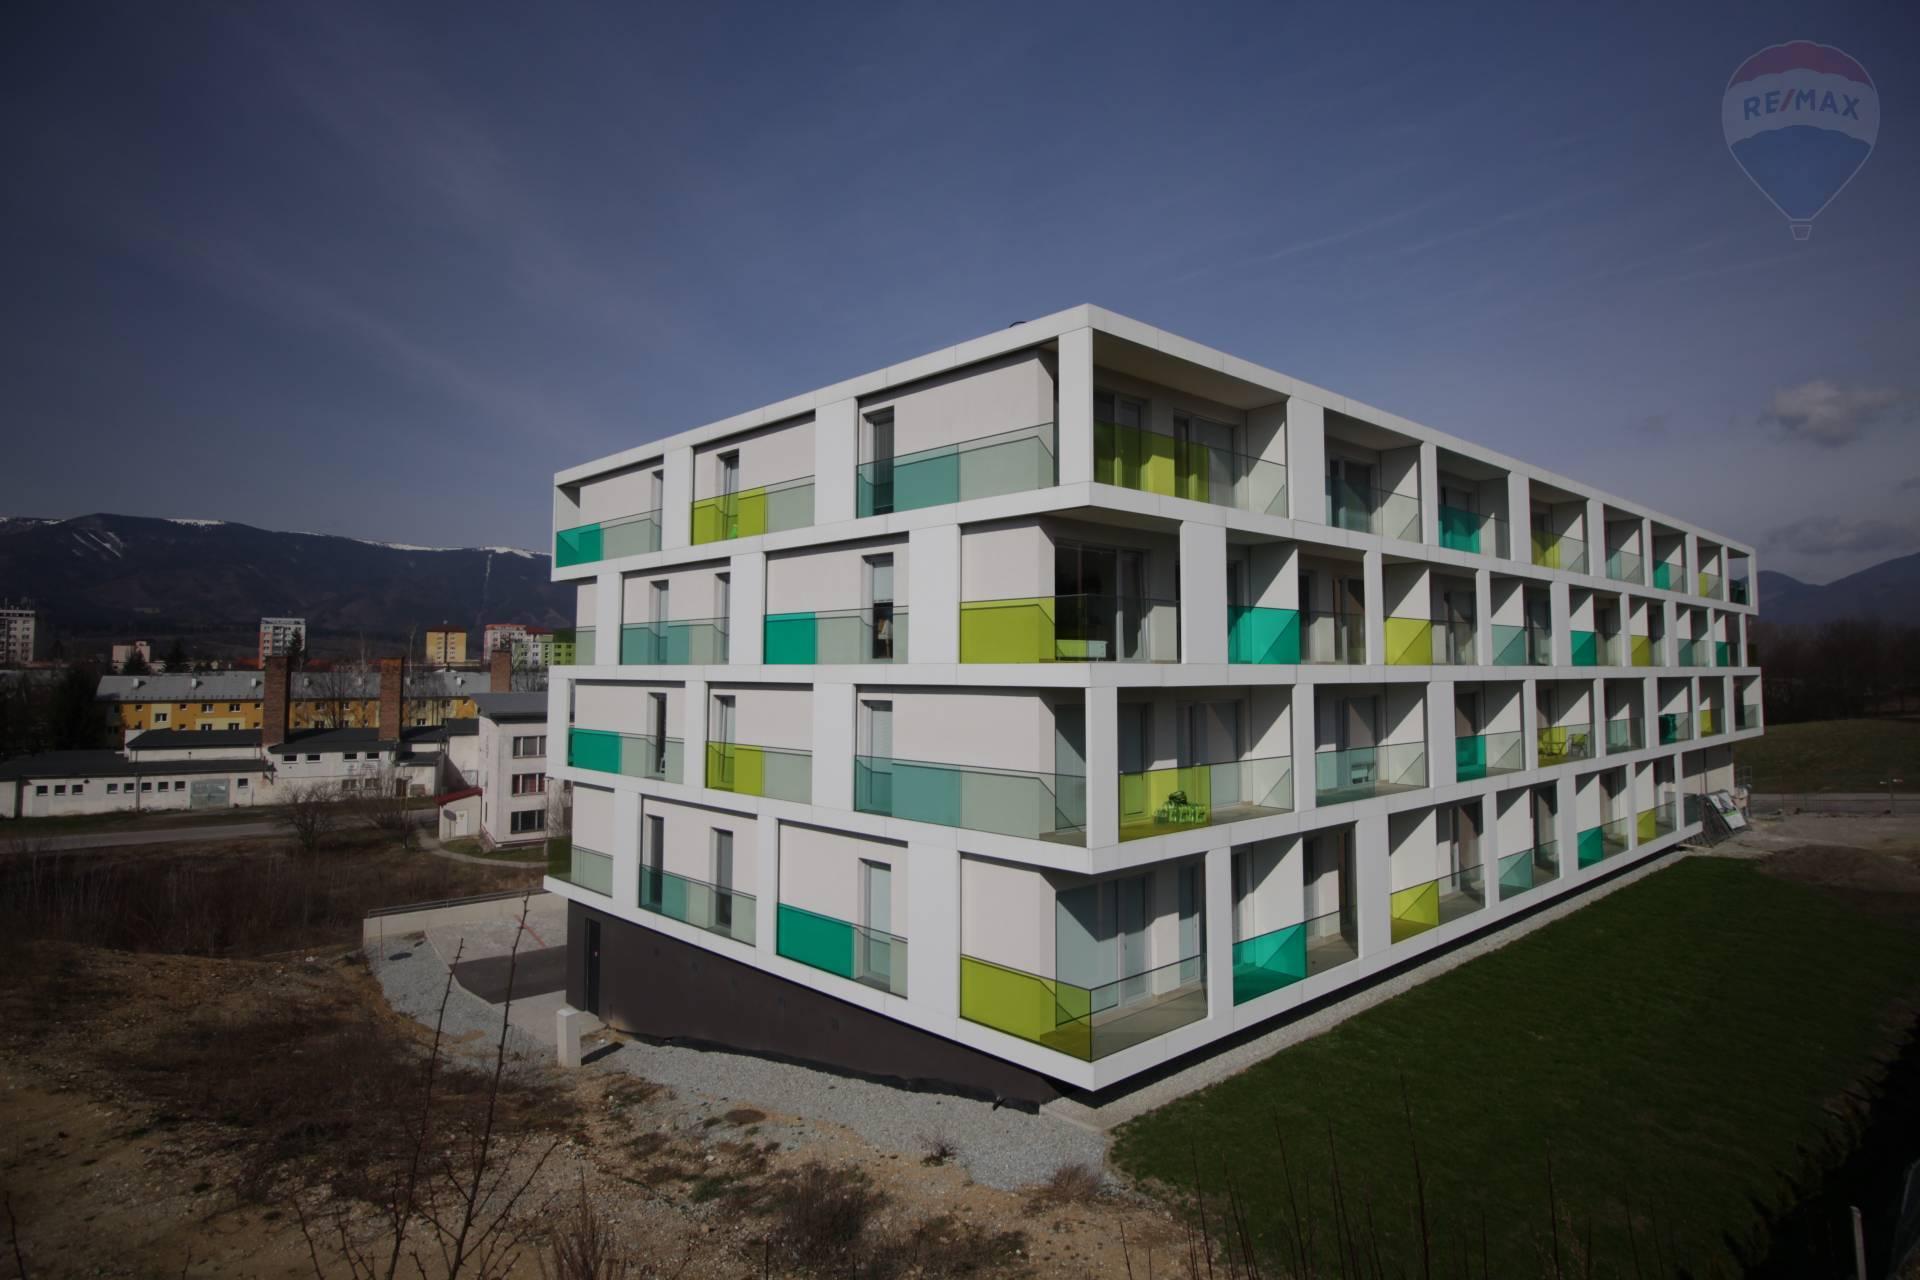 Predaj bytu (3 izbový) 74 m2, Martin - NA PREDAJ 3. Izb. Byt Martin - Dušan Stančík